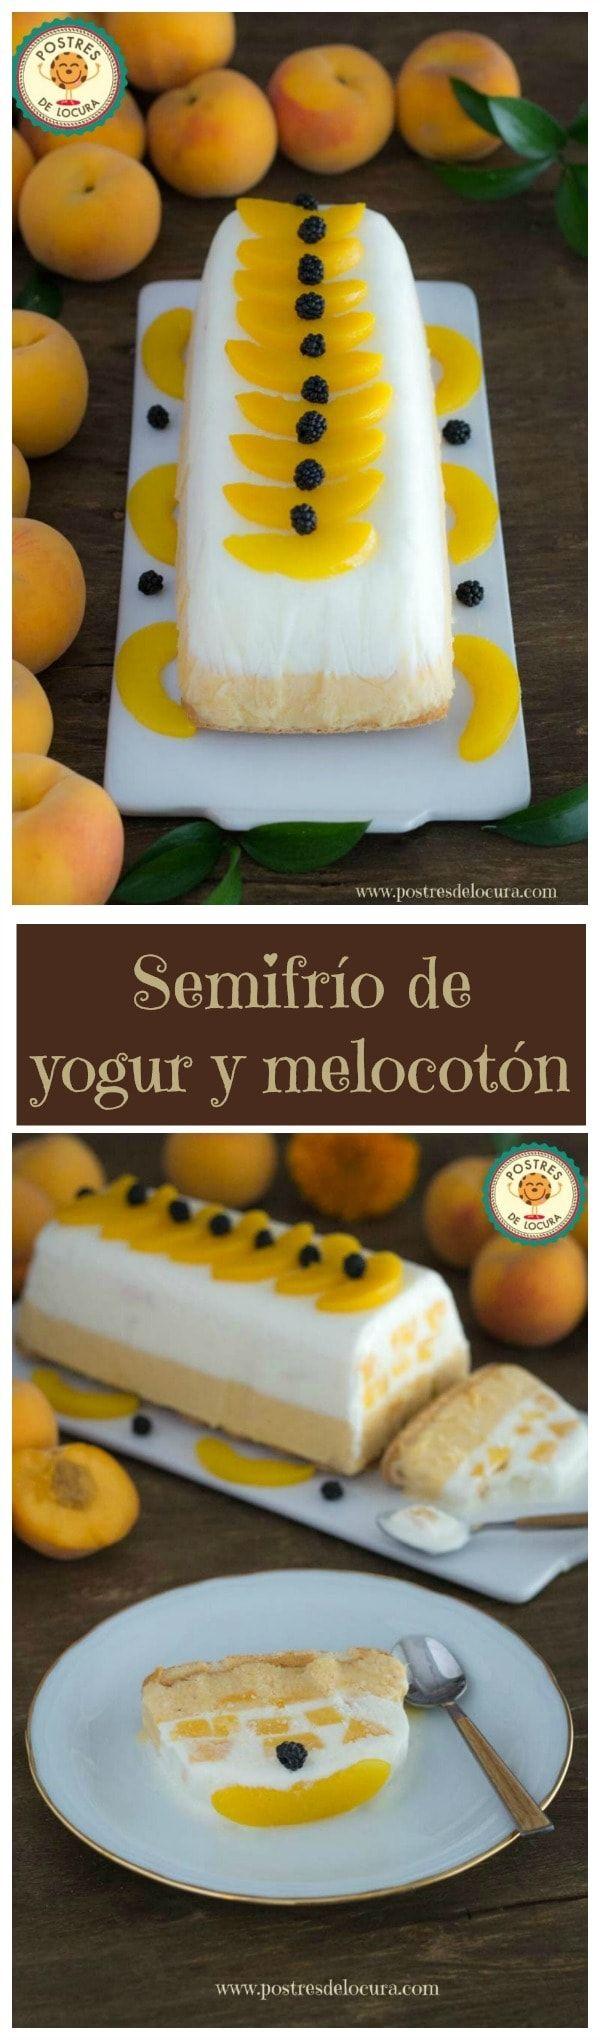 Collage Semifrio de yogur y melocoton